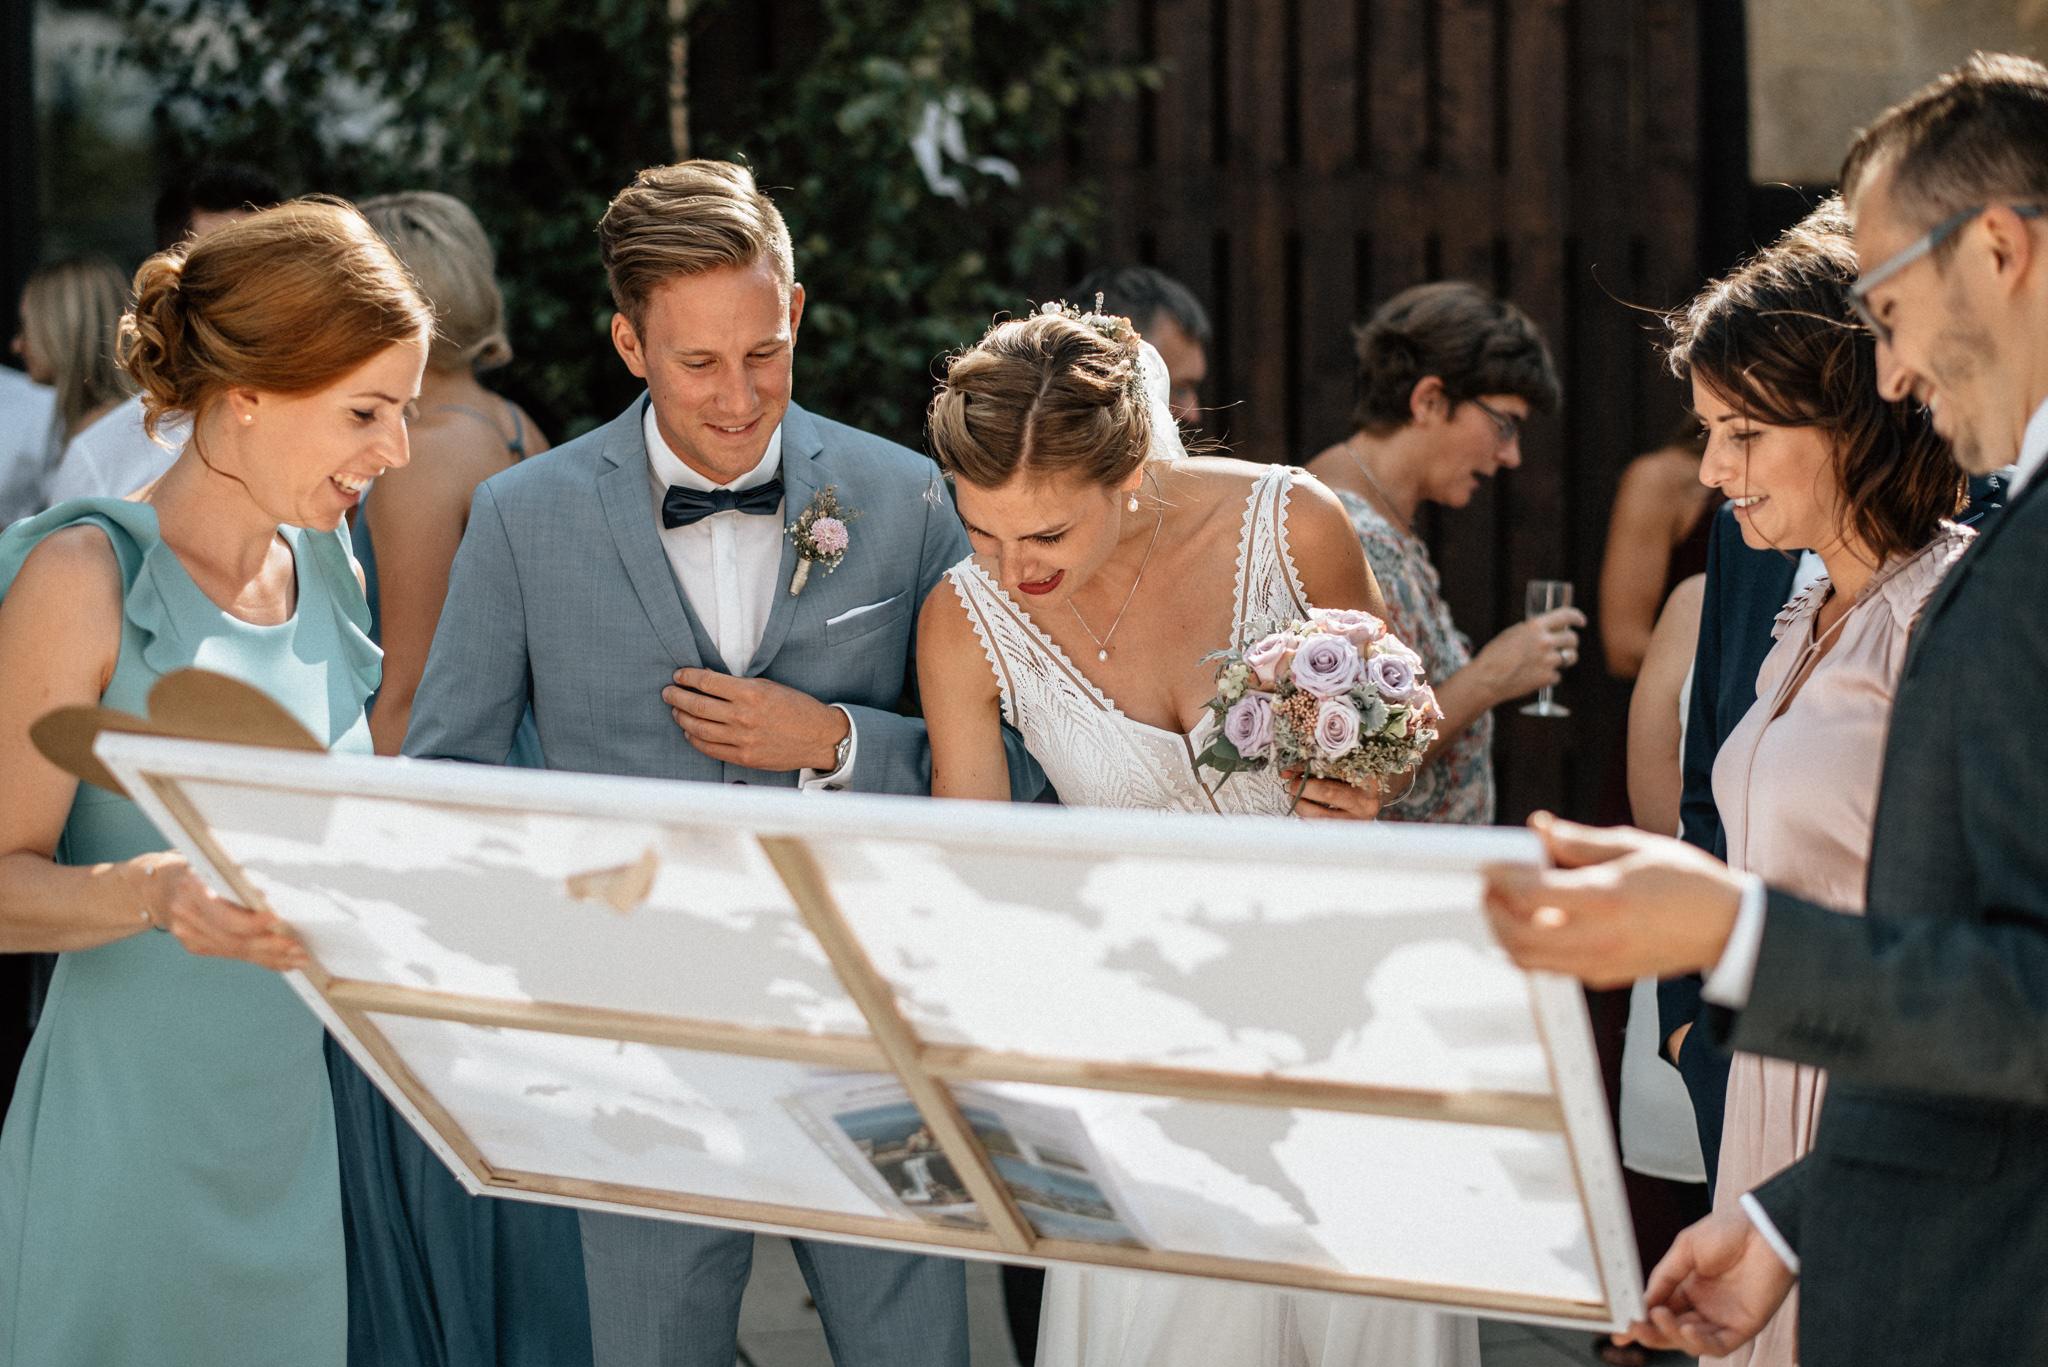 Timo Hess Fotografie Hochzeitsfotograf Leipzig Hochzeitsreportage Coburg Lena Und Frank Hochzeit In Coburg Sonnefeld